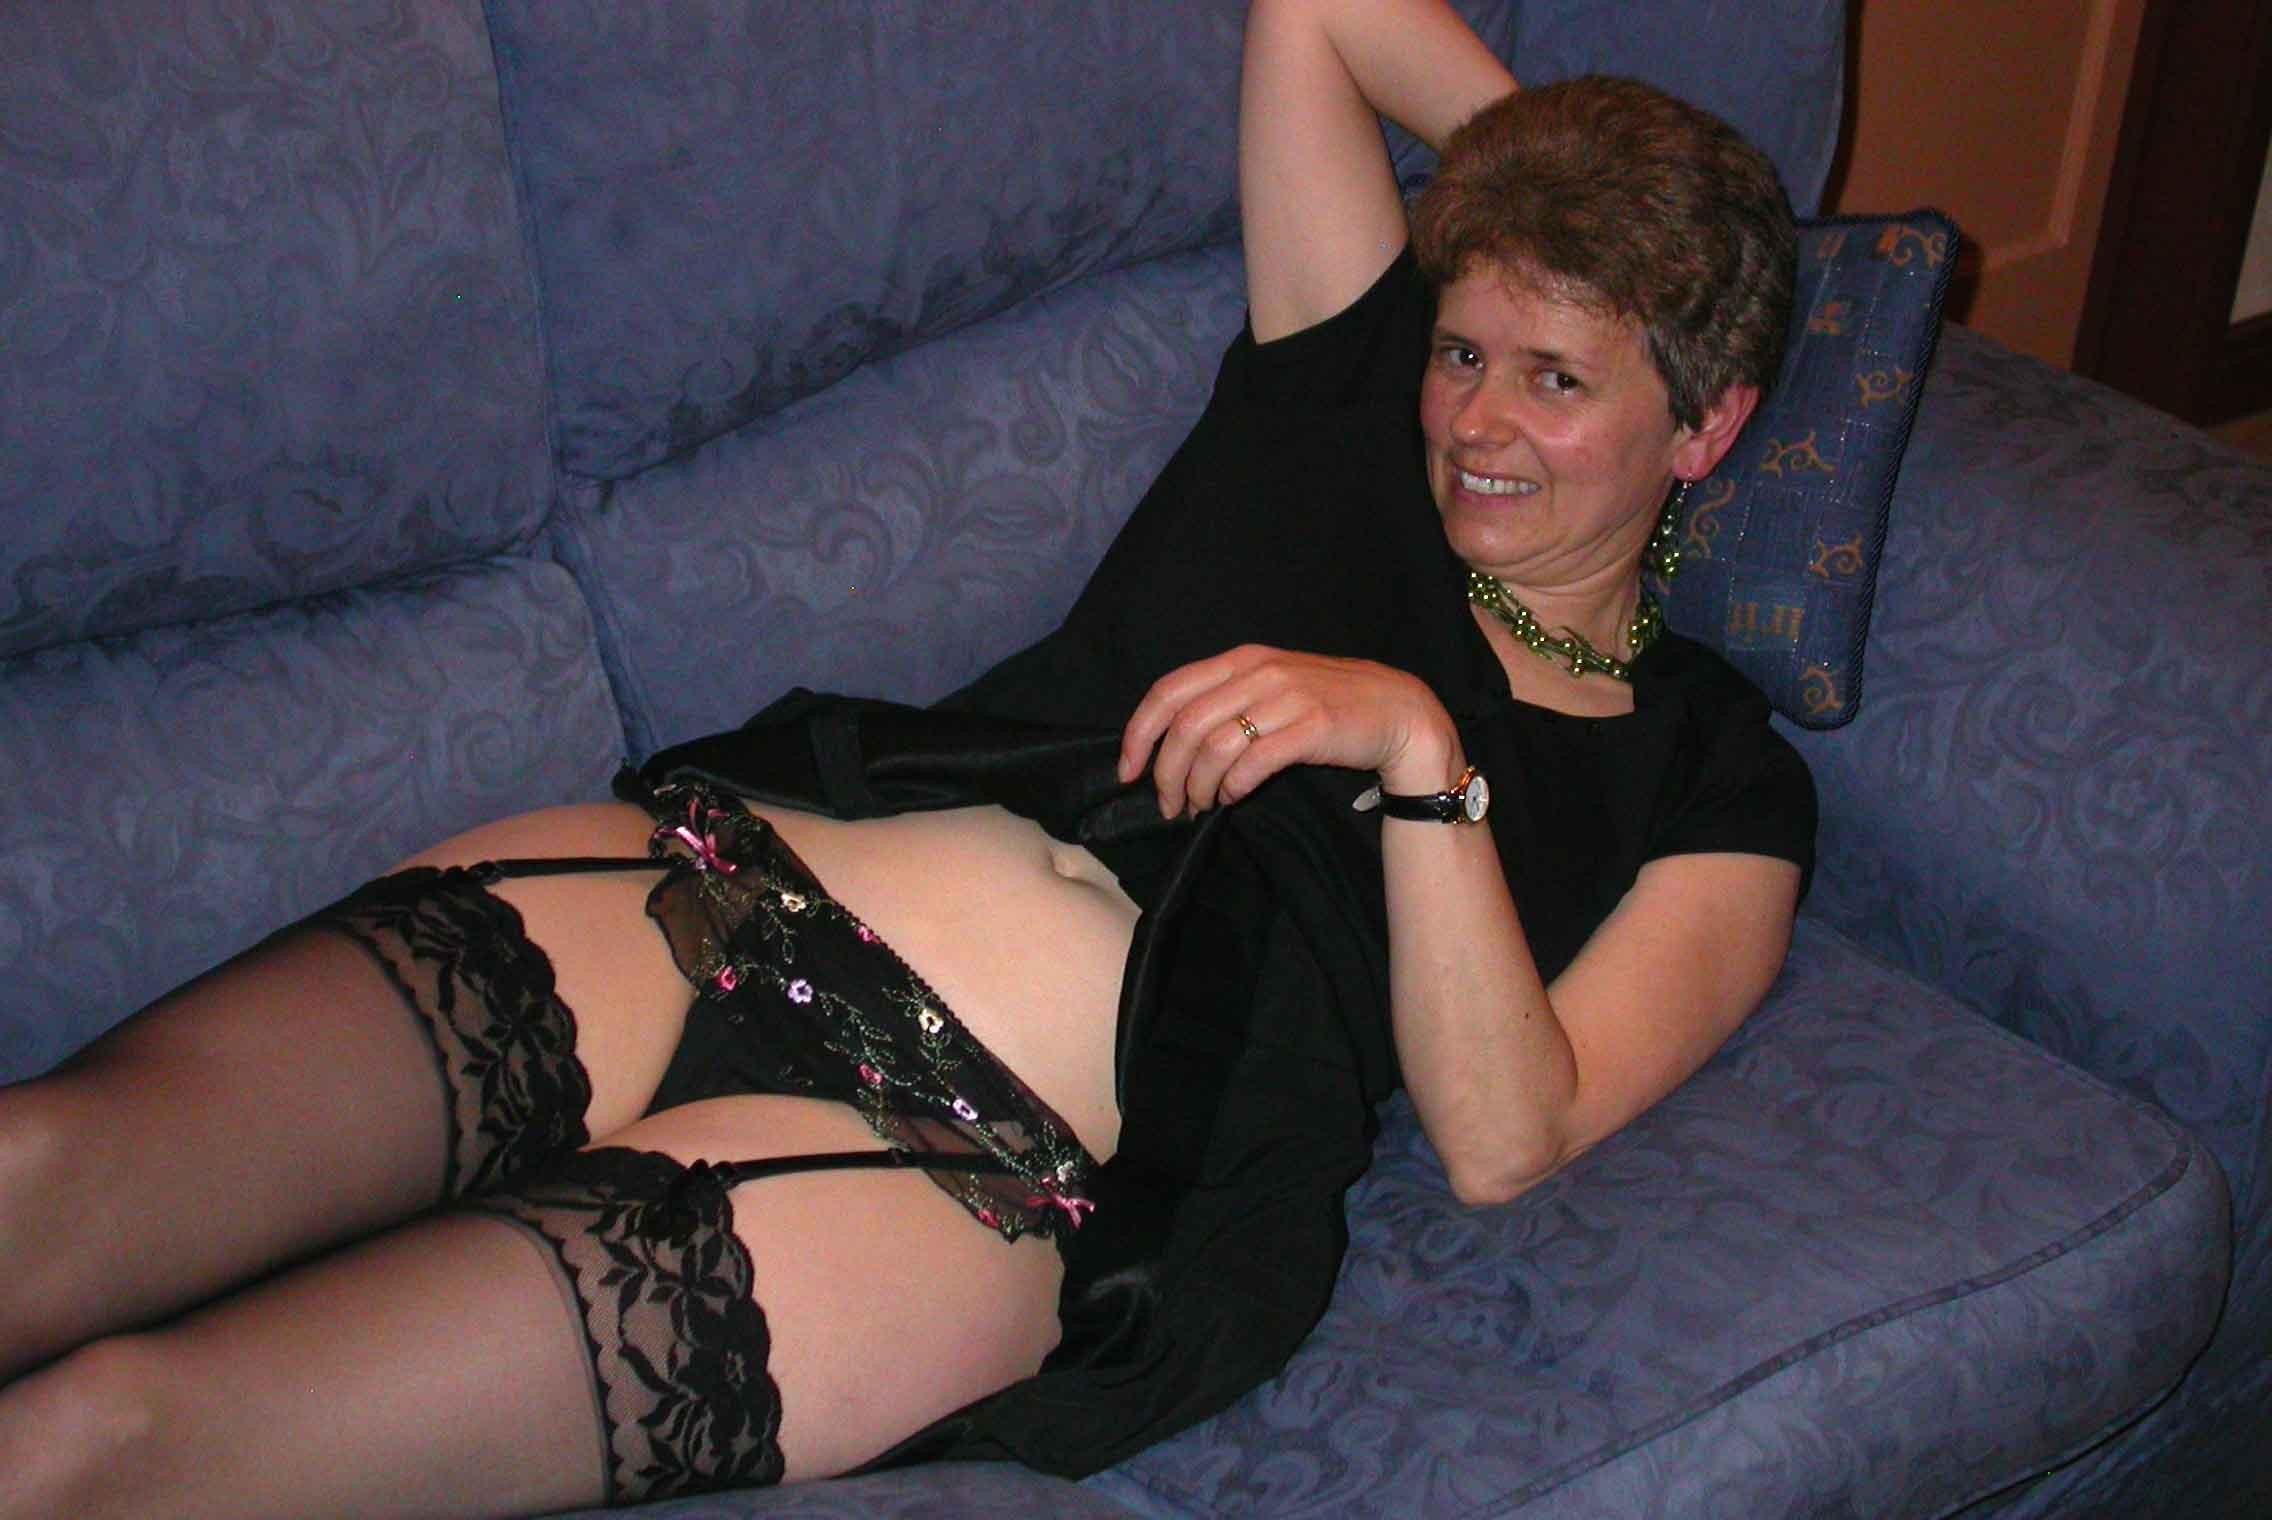 massage katrineholm äldre kåta tanter